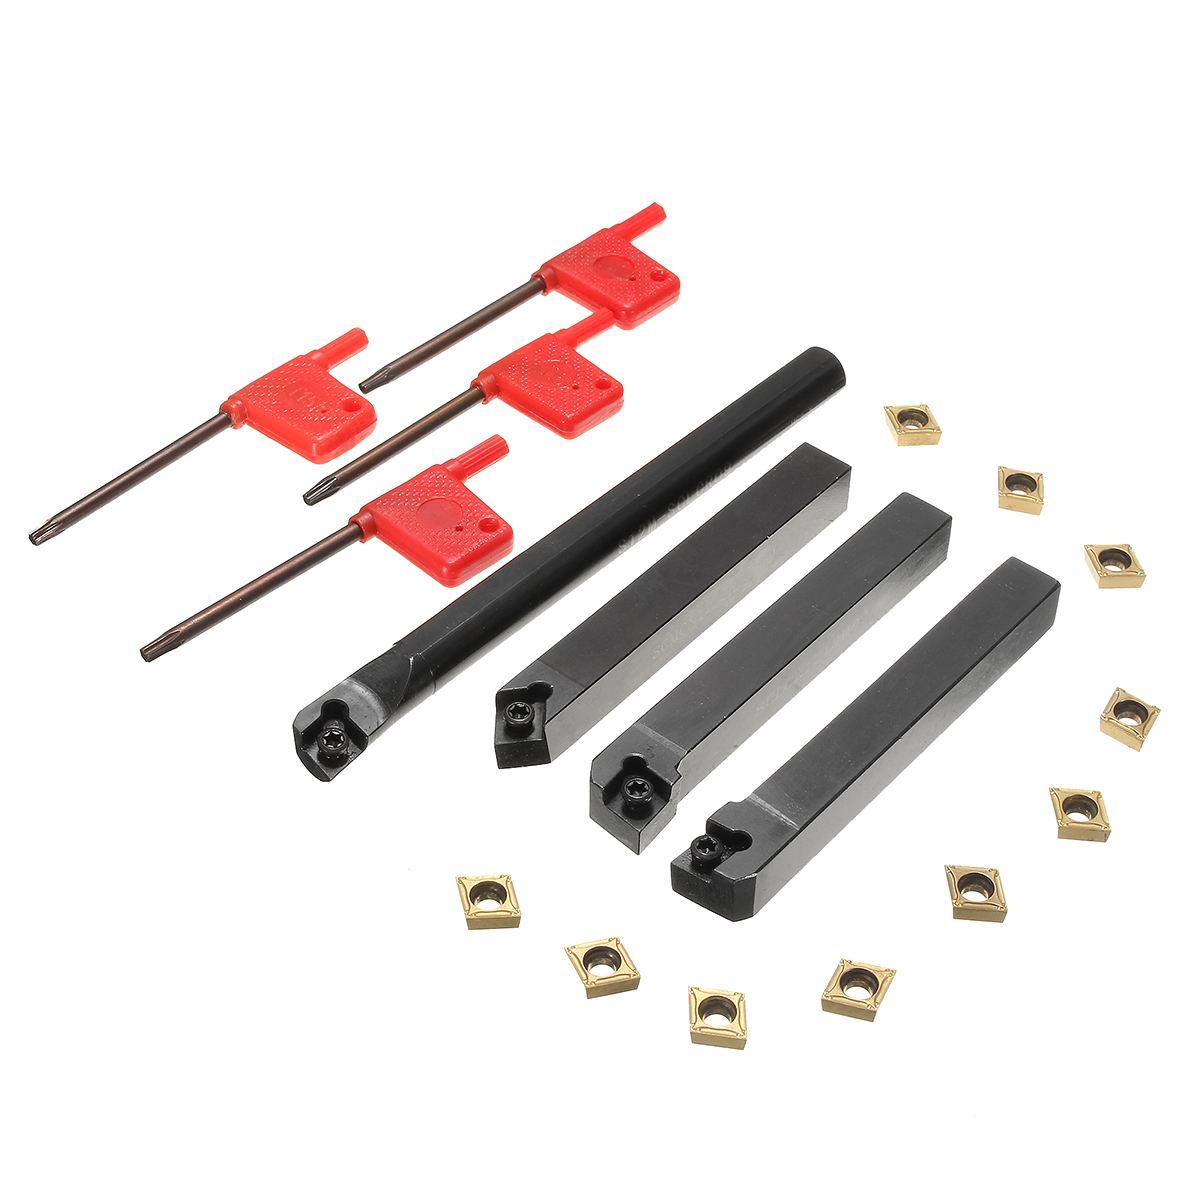 4 pçs chave para torno torneamento ferramenta máquina ferramenta conjuntos